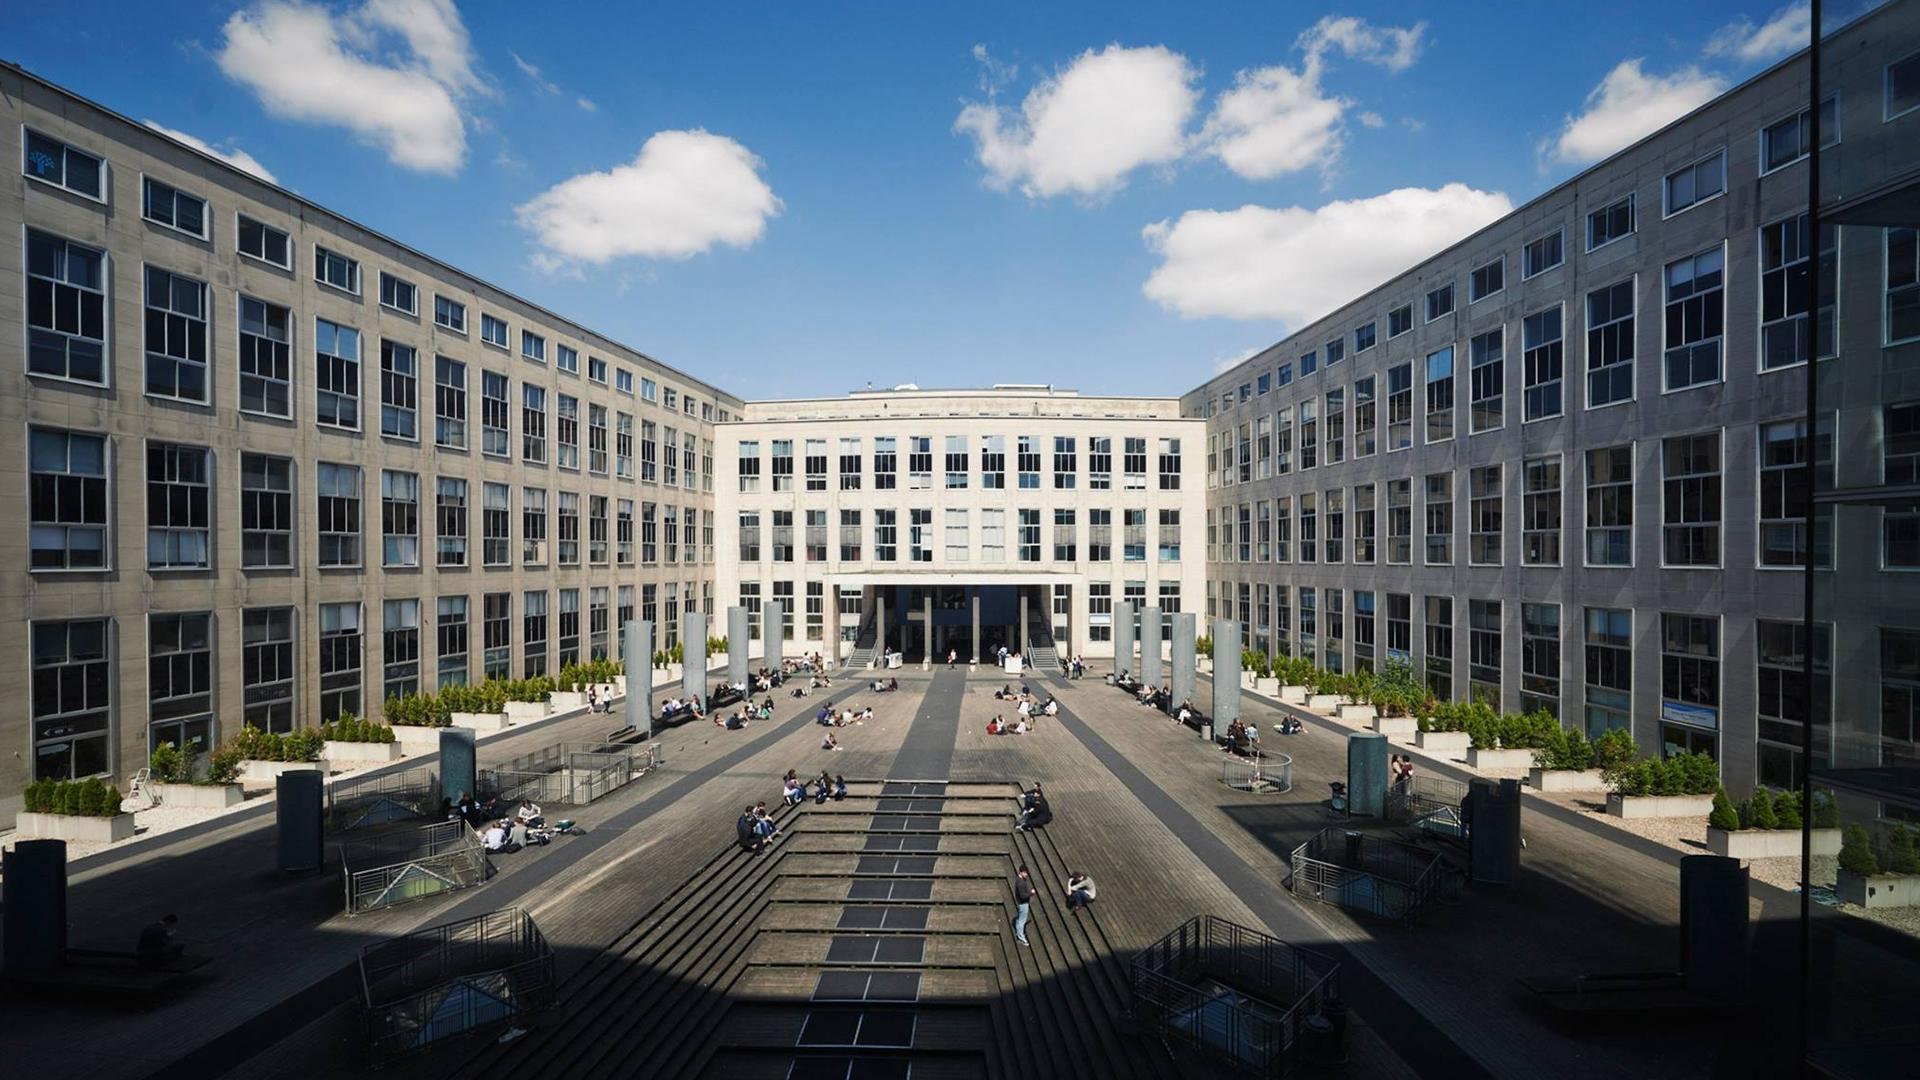 巴黎第九大学已成为法国经济管理类最好的大学之一